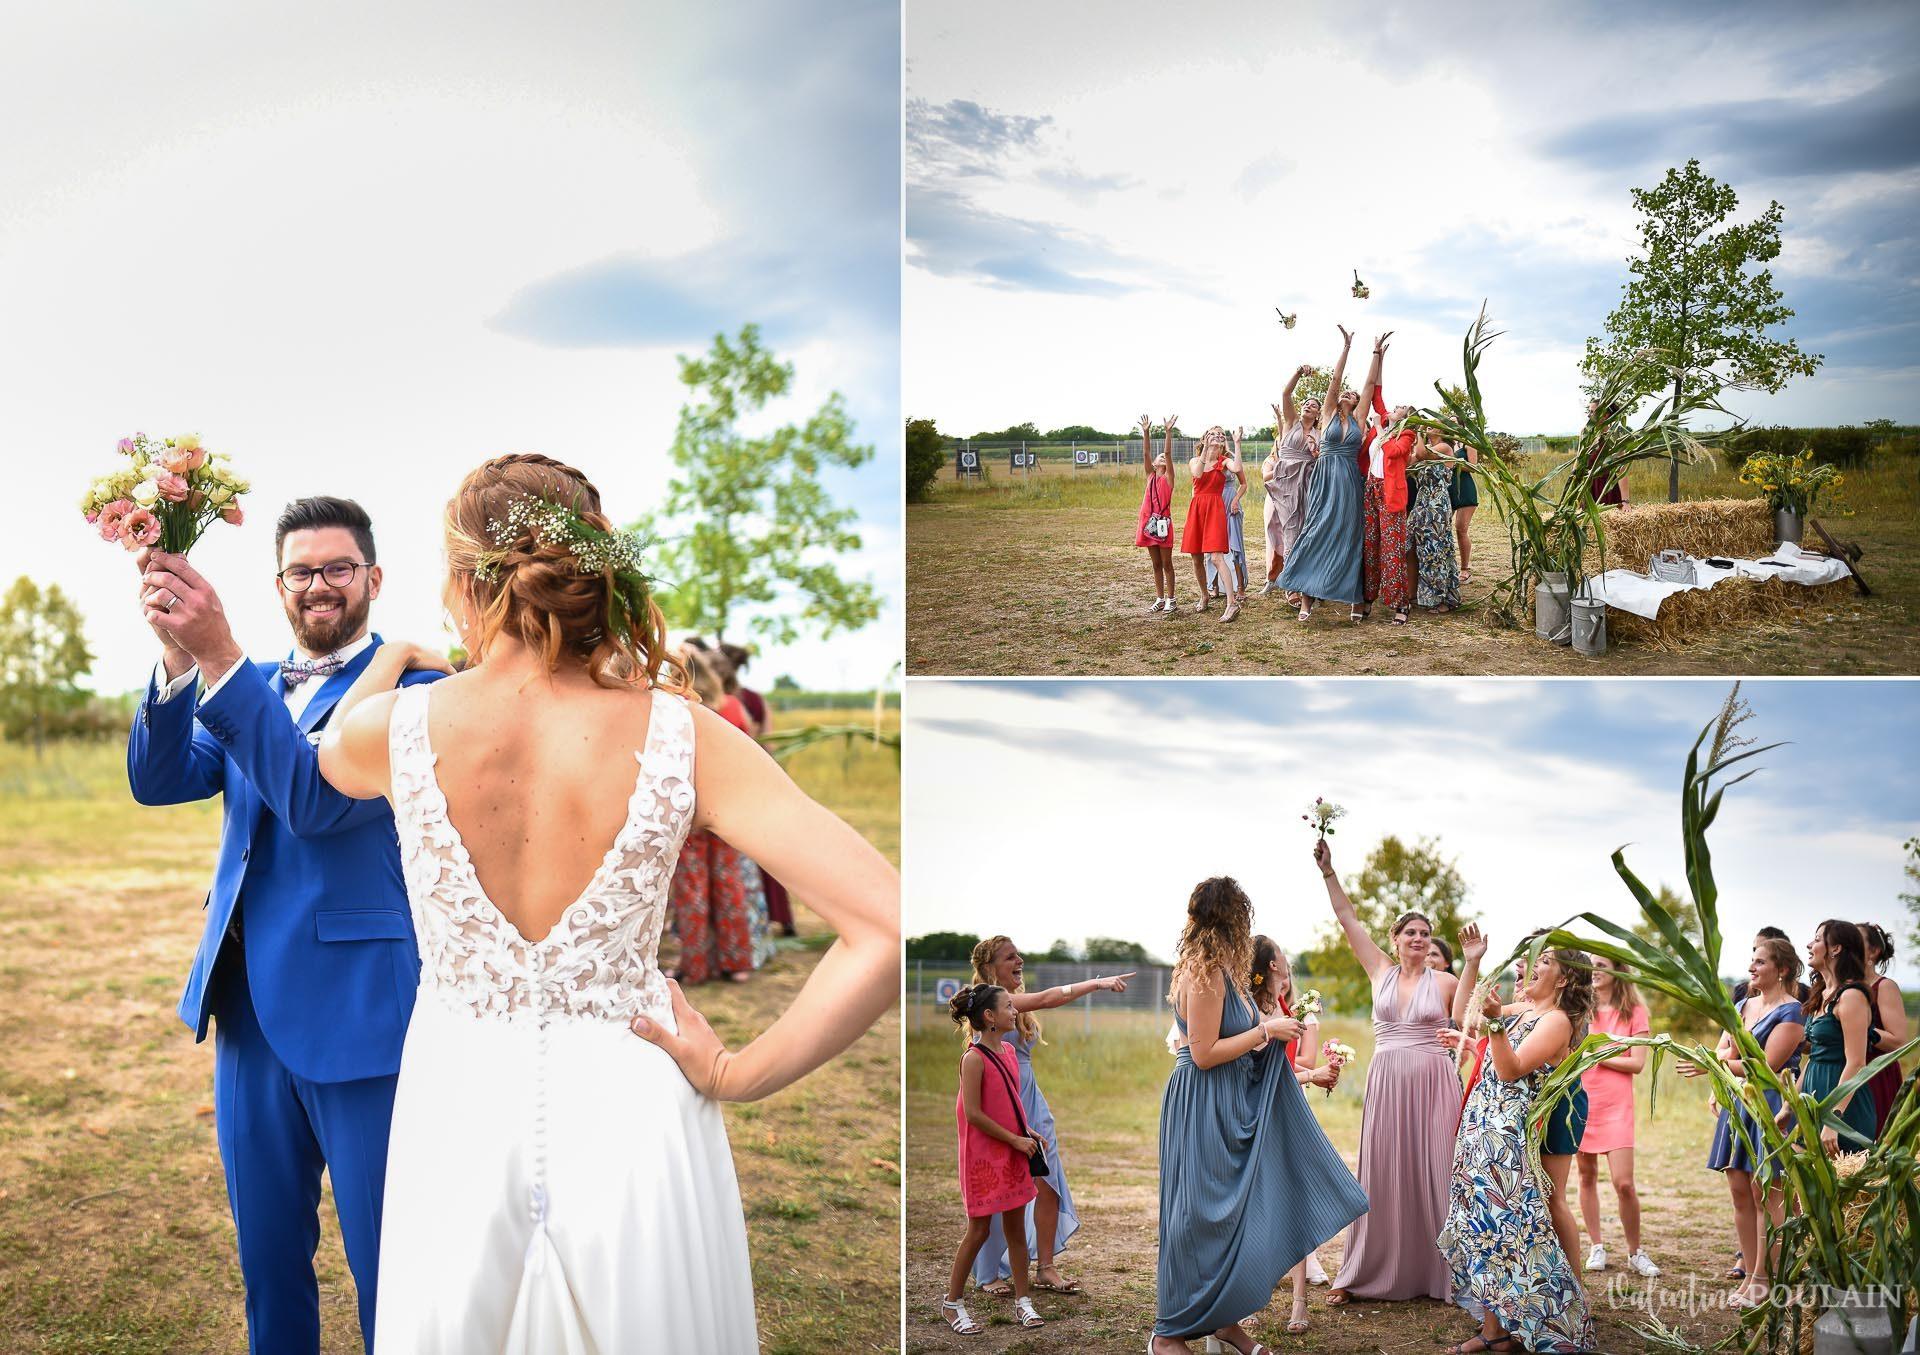 Mariage basketteurs - Valentine Poulain lancer bouquet marié